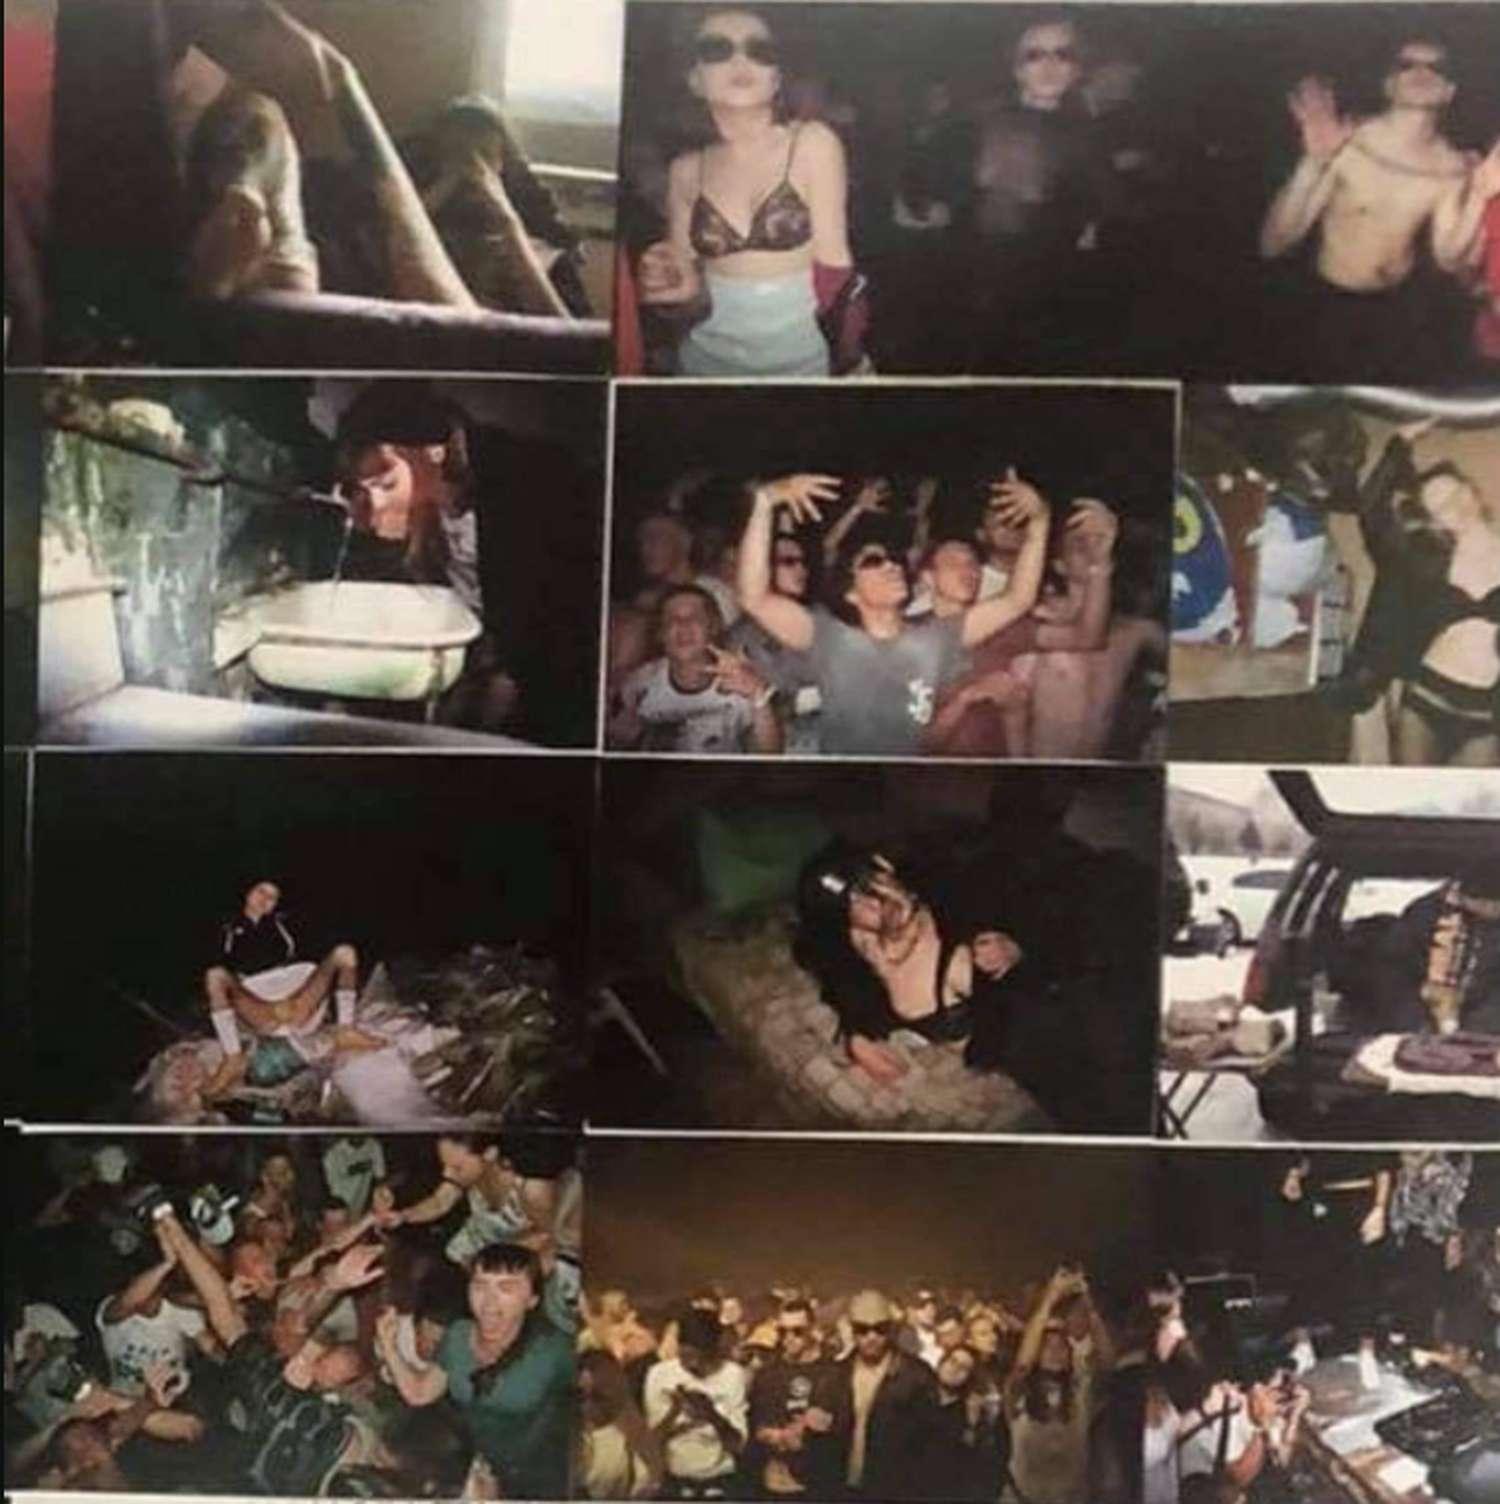 Гениталии и пьяные девушки в Мыстецком Арсенале за 1,5 млн грн - фото 2